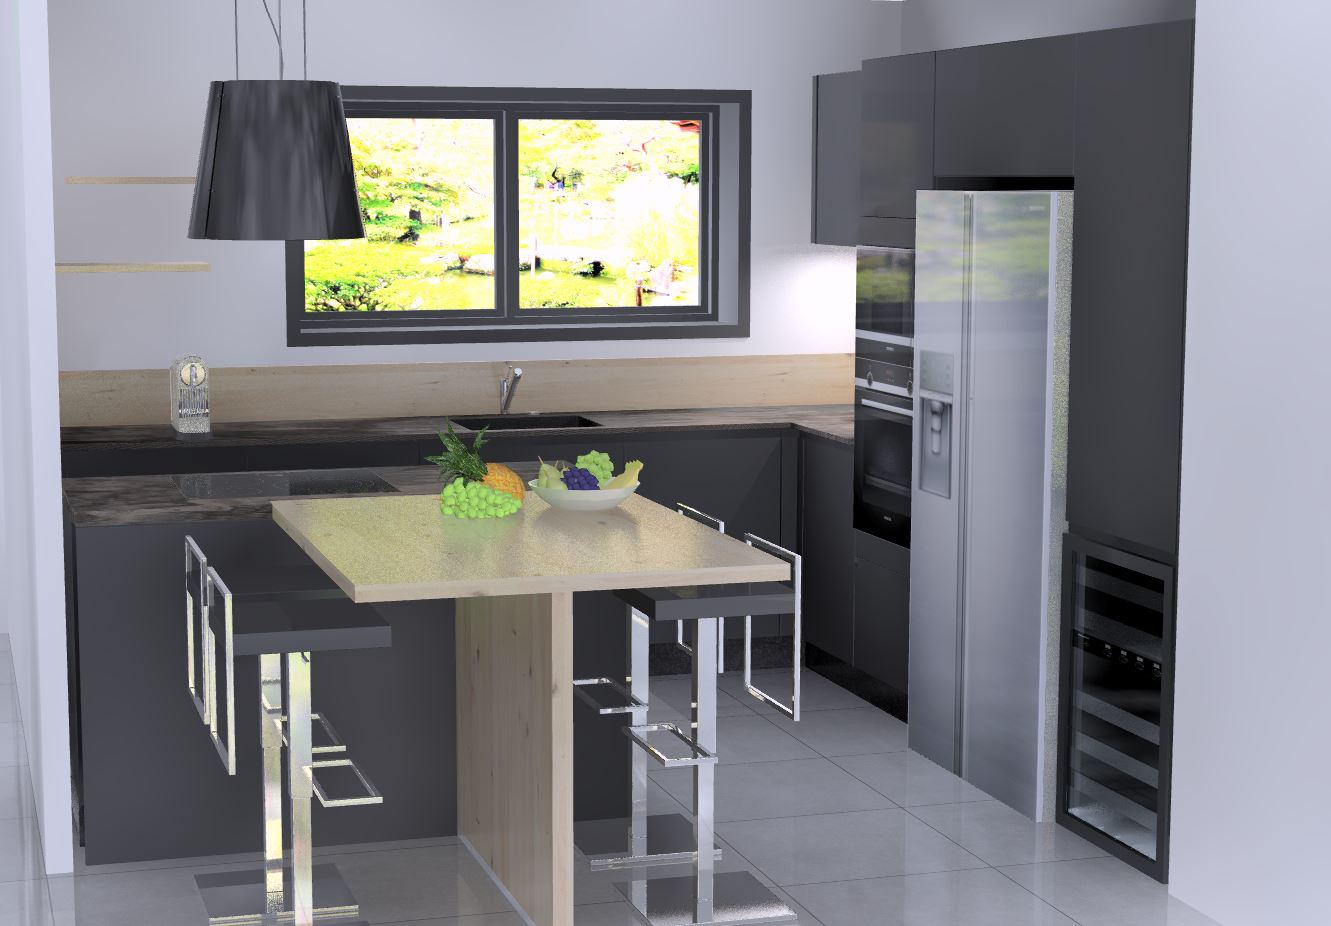 cuisine noire et bois conception 3D cuisine haut de gamme sans poignées par cuisine design Toulouse